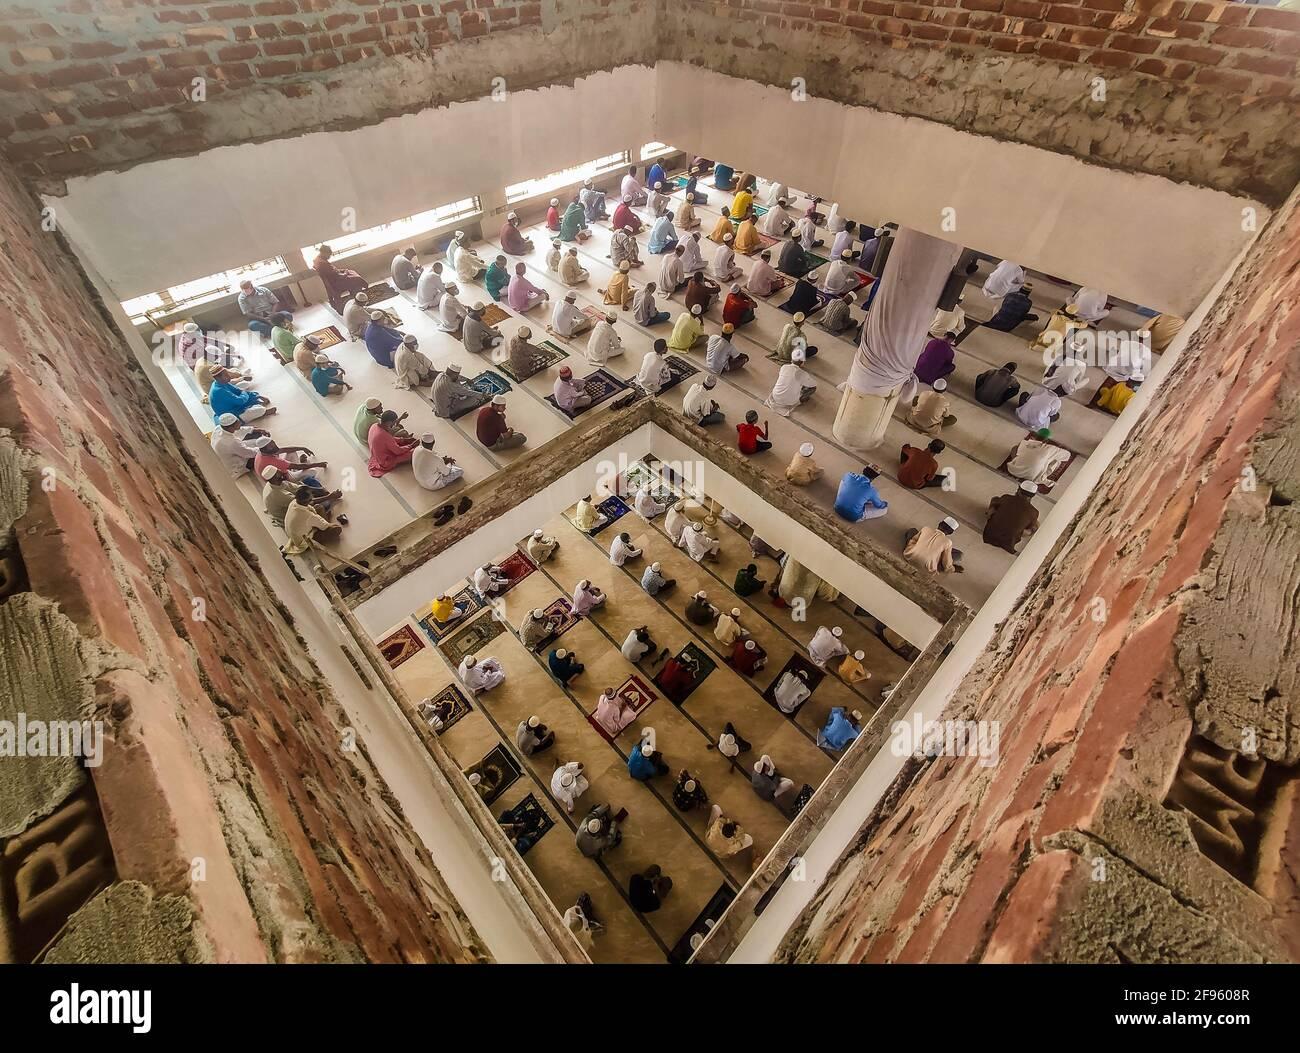 Barishal, Bangladesch. April 2021. Trotz einer Sperre im Land, wo höchstens 20 Menschen gleichzeitig in einer Moschee beten dürfen, folgen die Menschen den Govt nicht. Gesundheitsprotokoll und nehmen ihr Jummah-Gebet während des Heiligen Monats im Ramadan in einer großen Anzahl an einer Moschee in Barishal, Bangladesch. Quelle: Mustasinur Rahman Alvi/ZUMA Wire/Alamy Live News Stockfoto